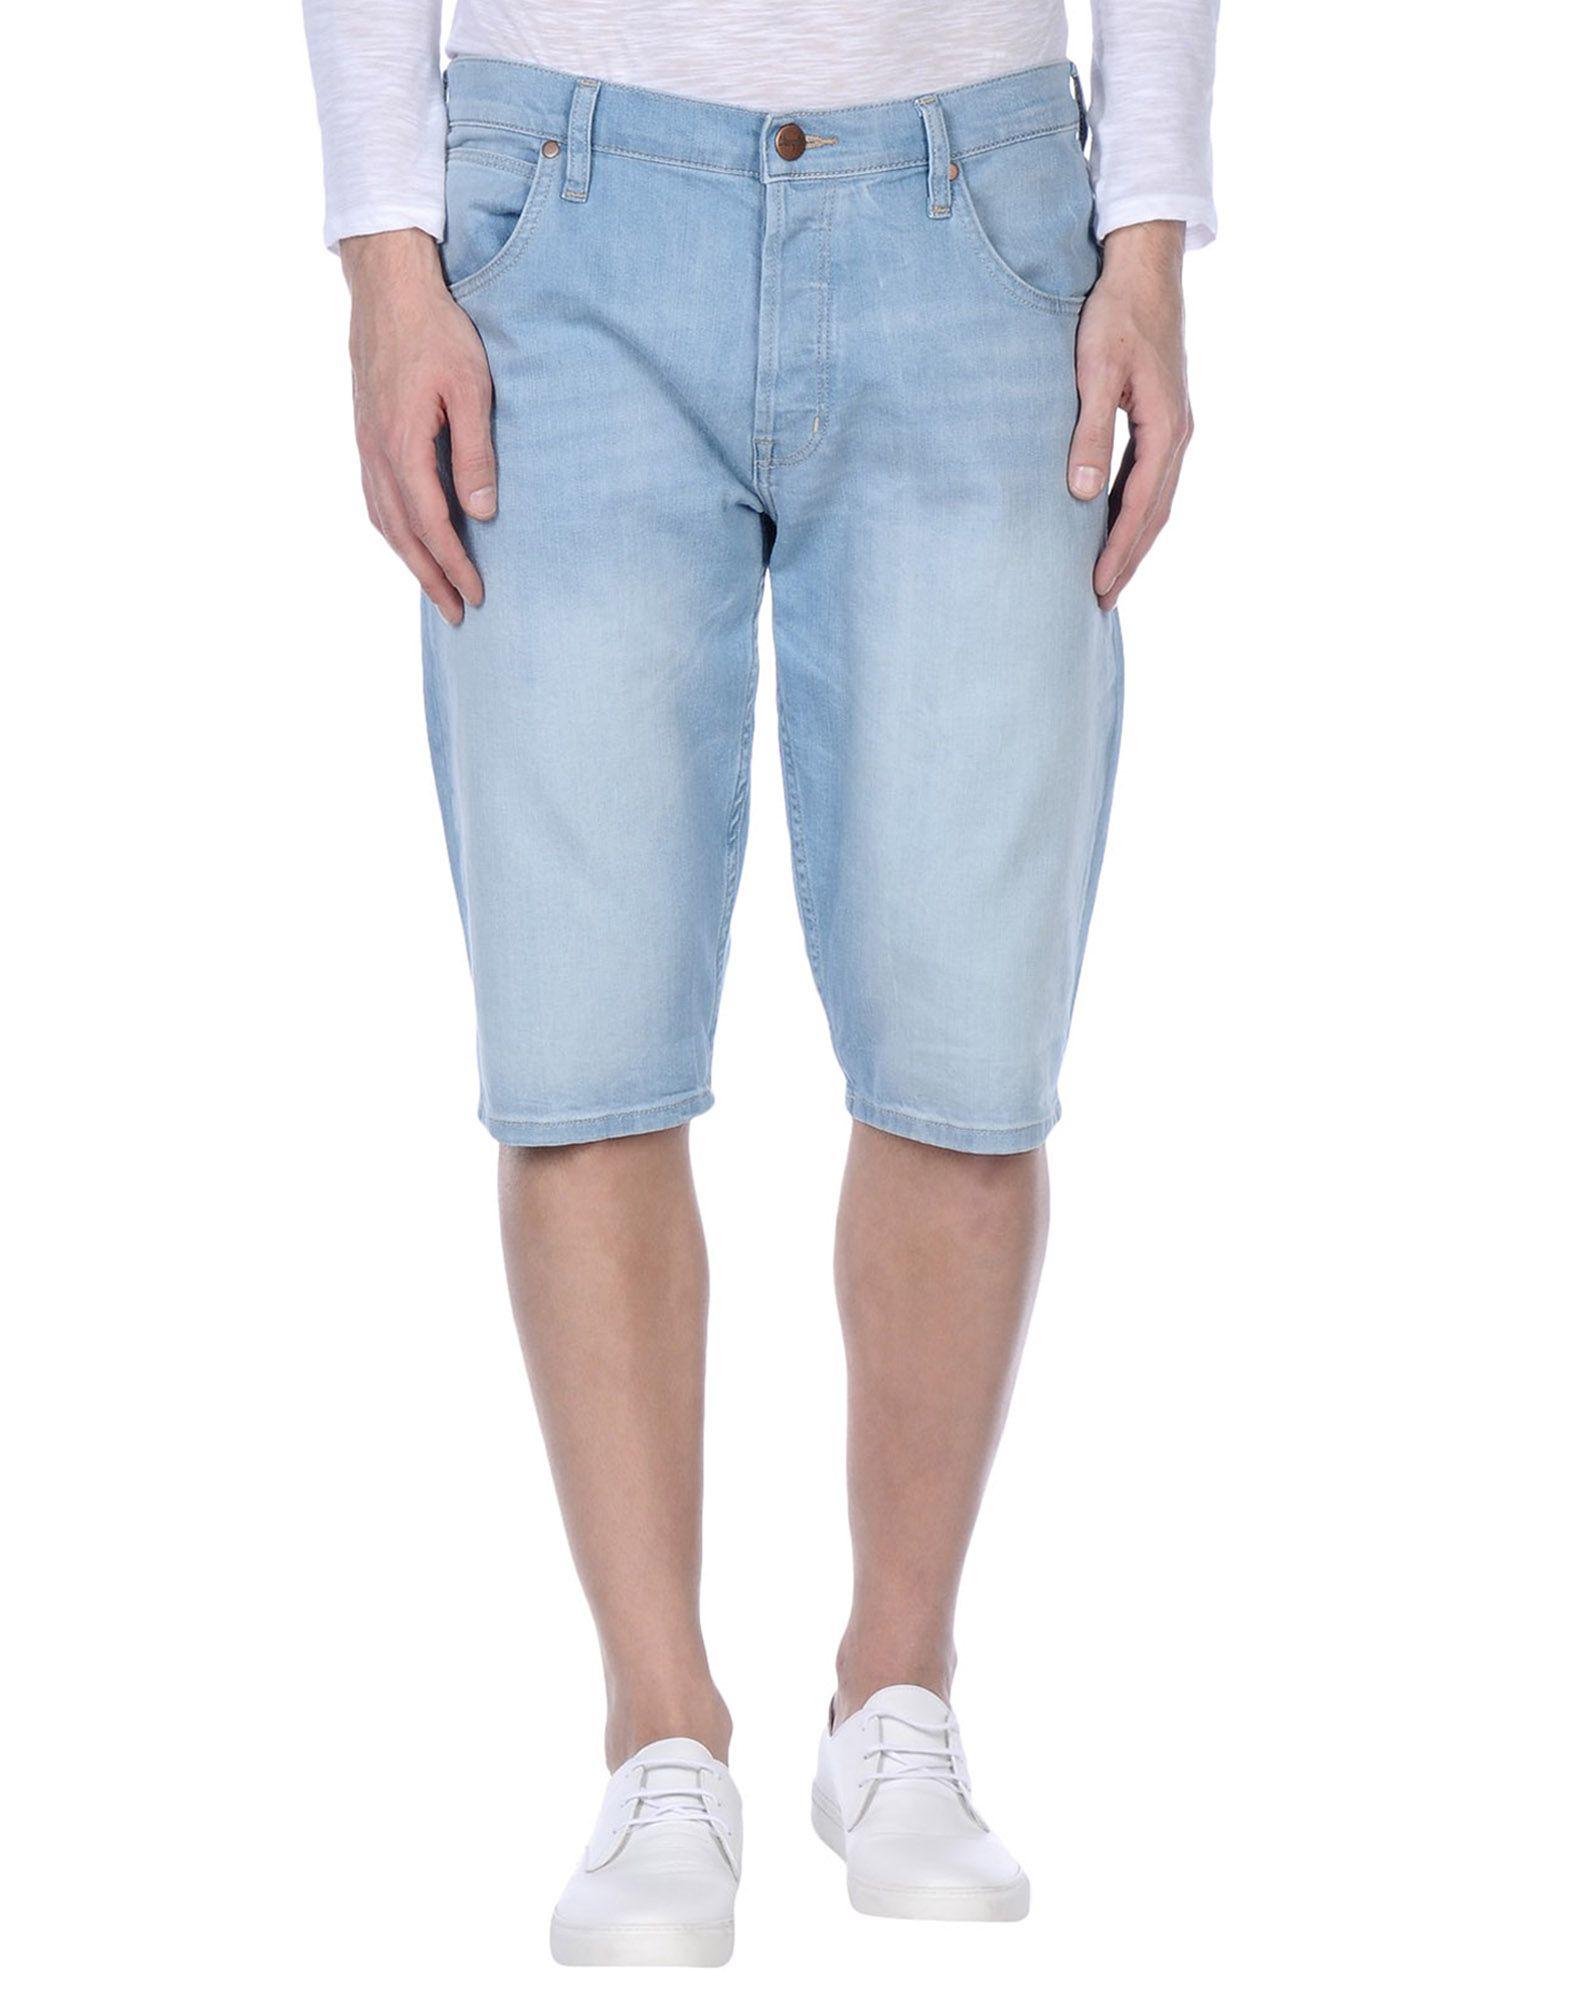 Wrangler denim bermudas in blue for men lyst for Wrangler denim shirts uk